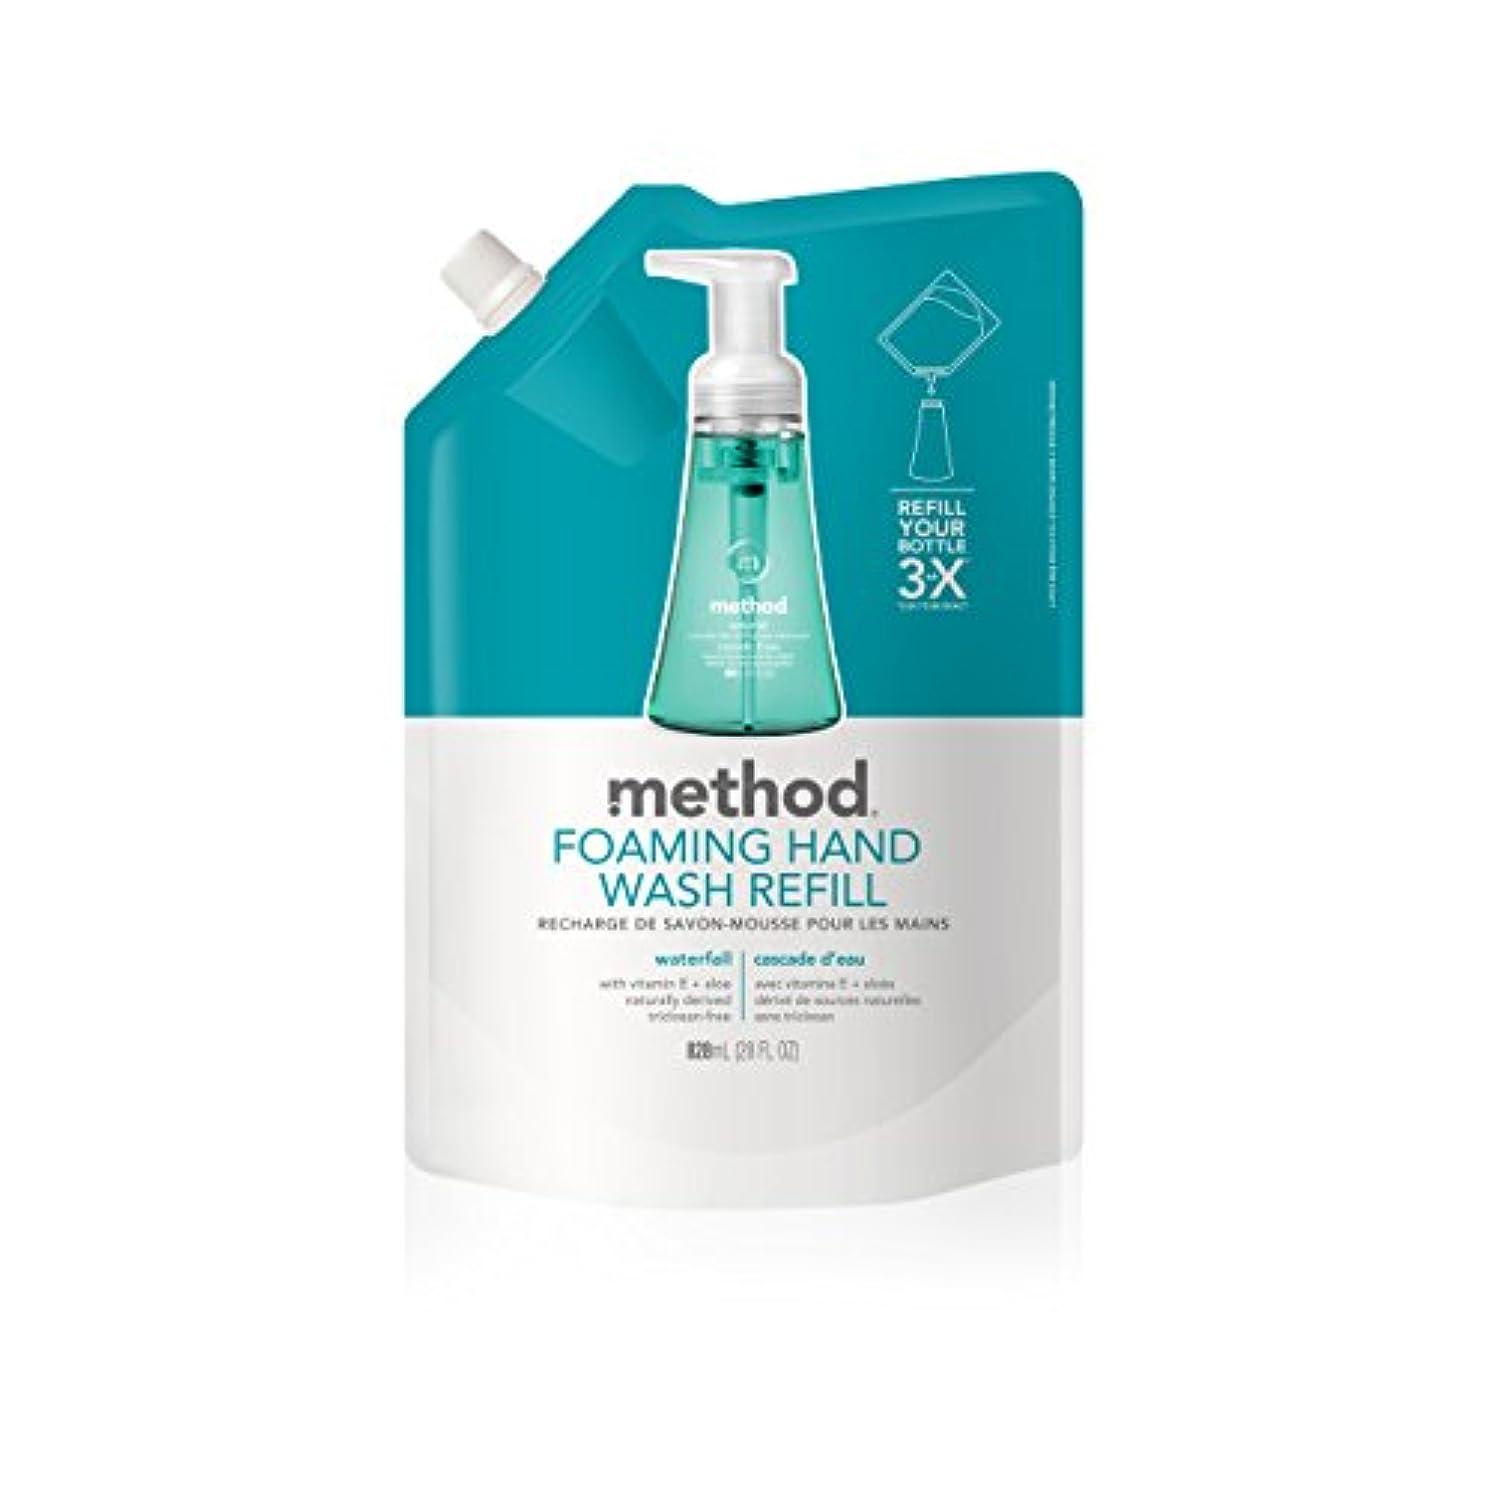 とても多くの失敗リンケージMethod, Foaming Hand Wash Refill, Waterfall, 28 fl oz (828 ml)